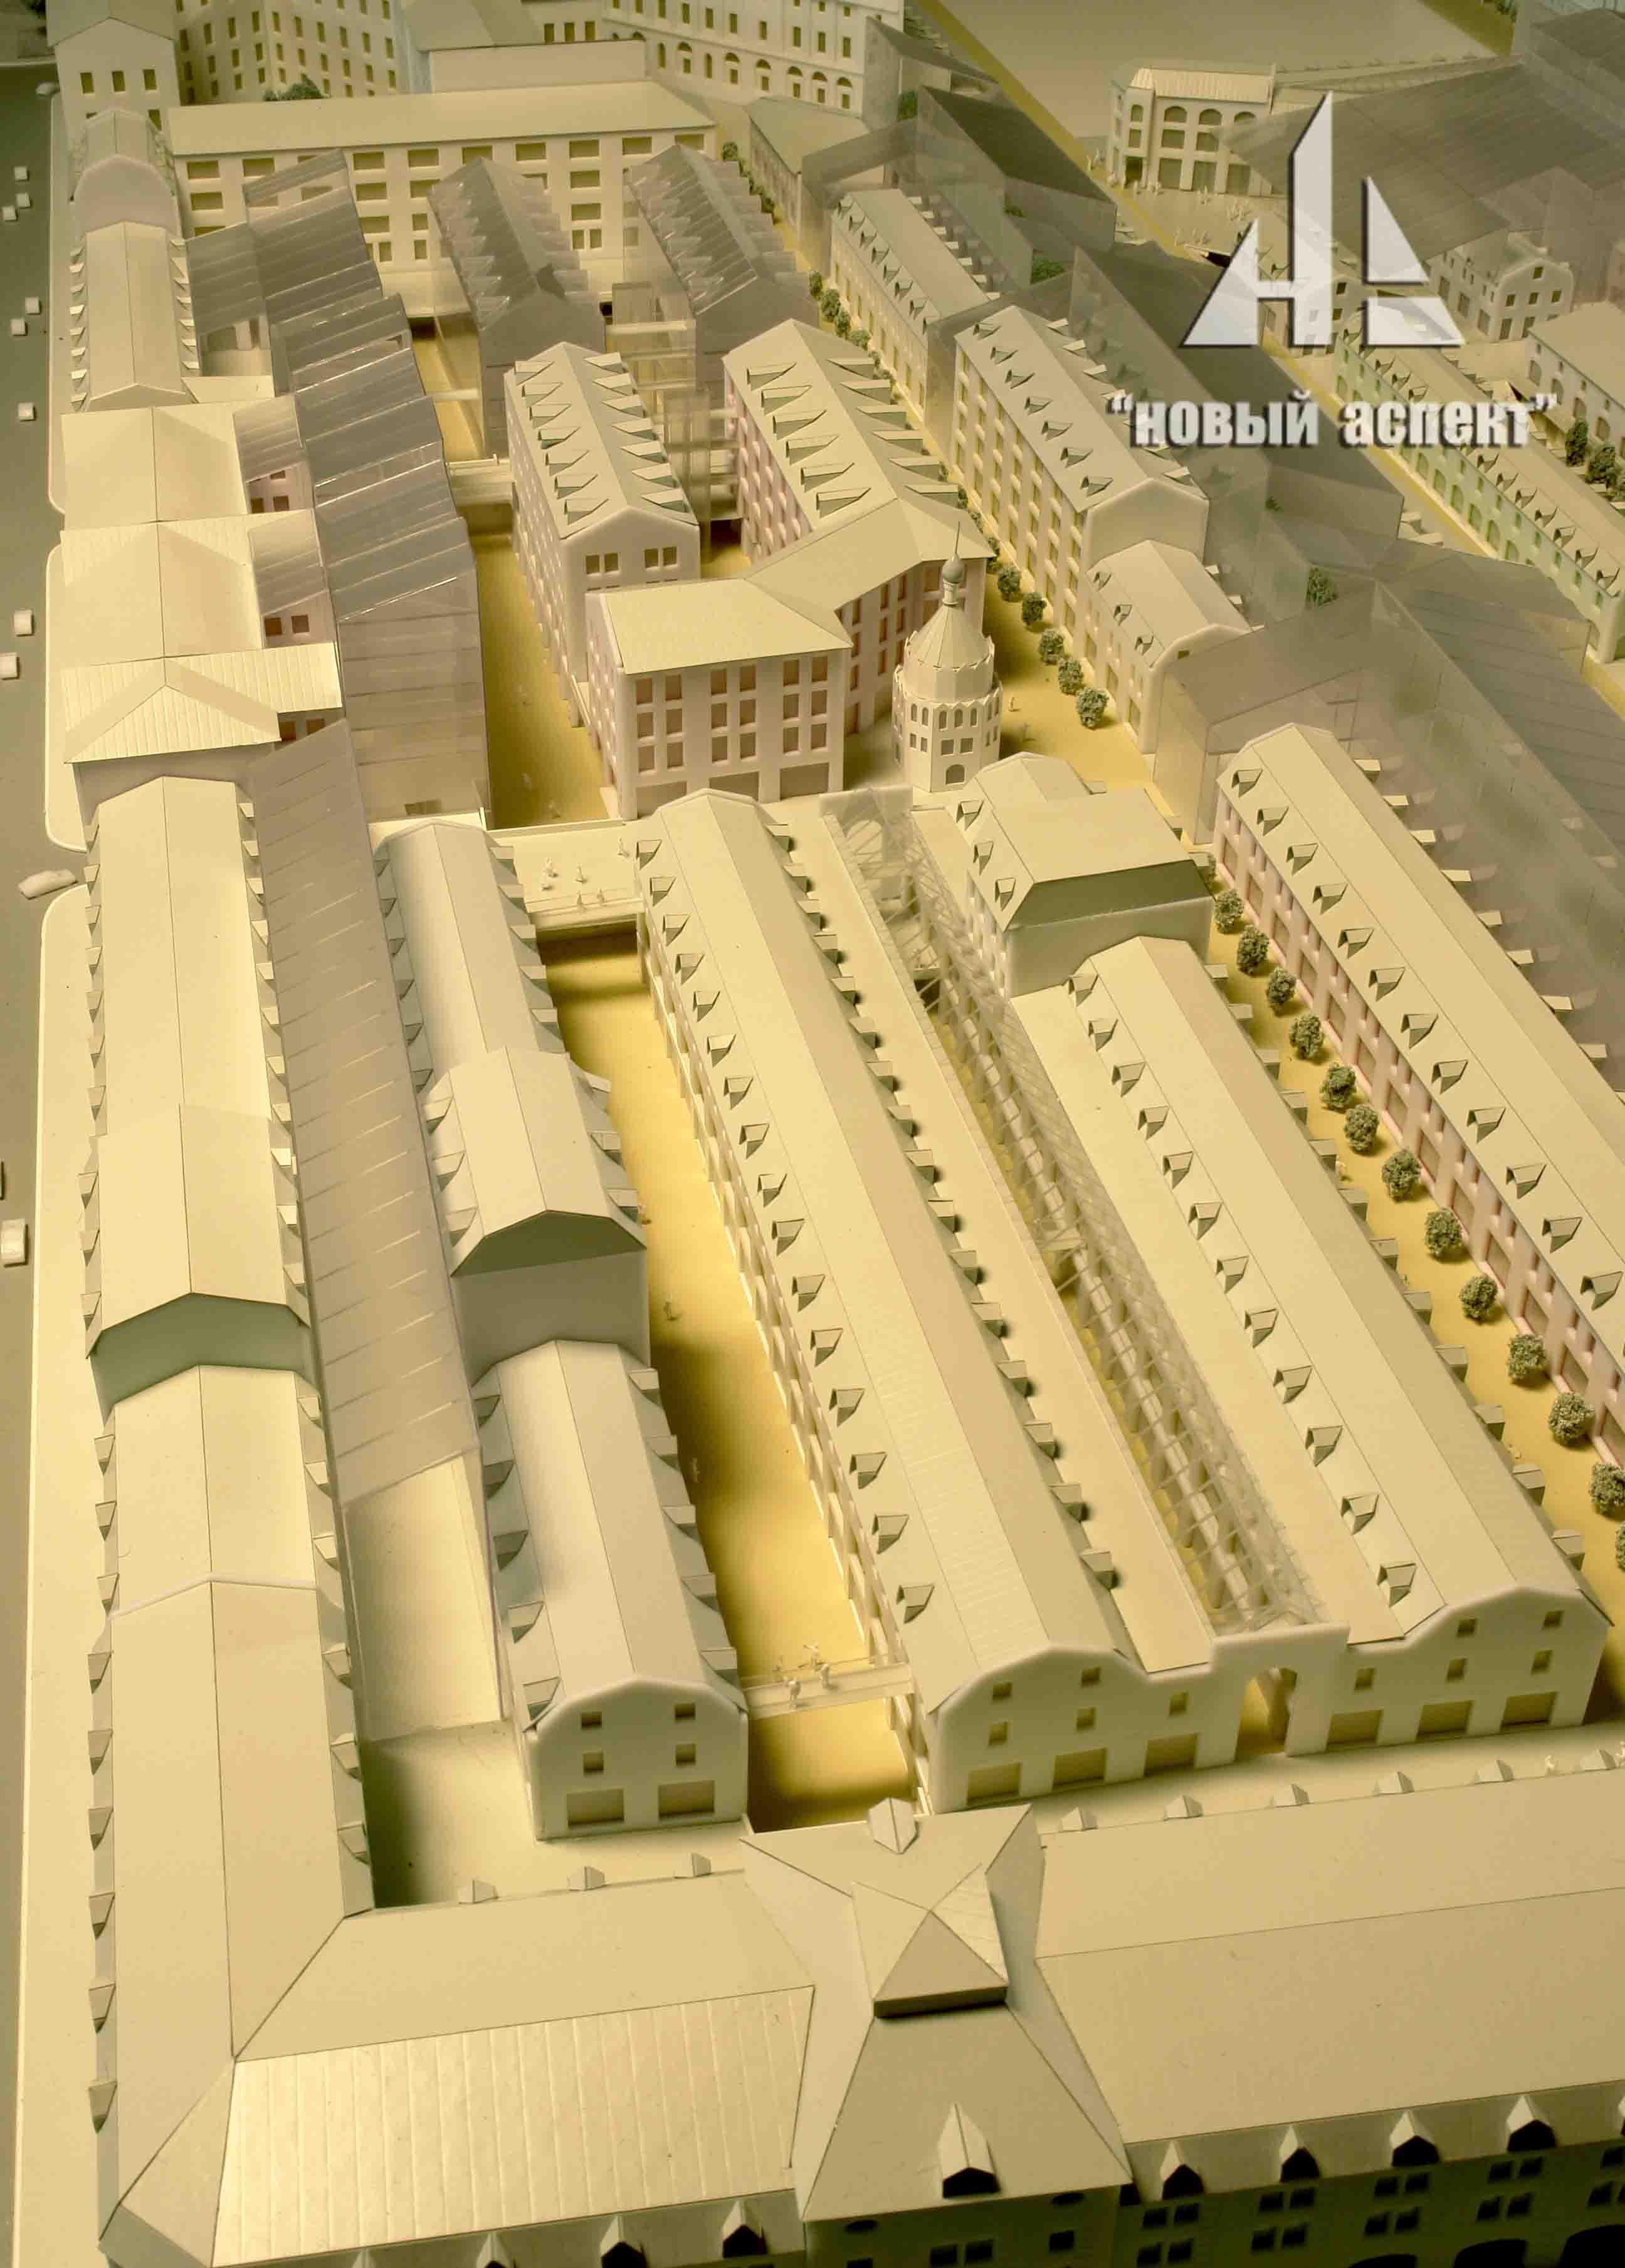 Градостроительные макеты, Апраксин 2007 (4)